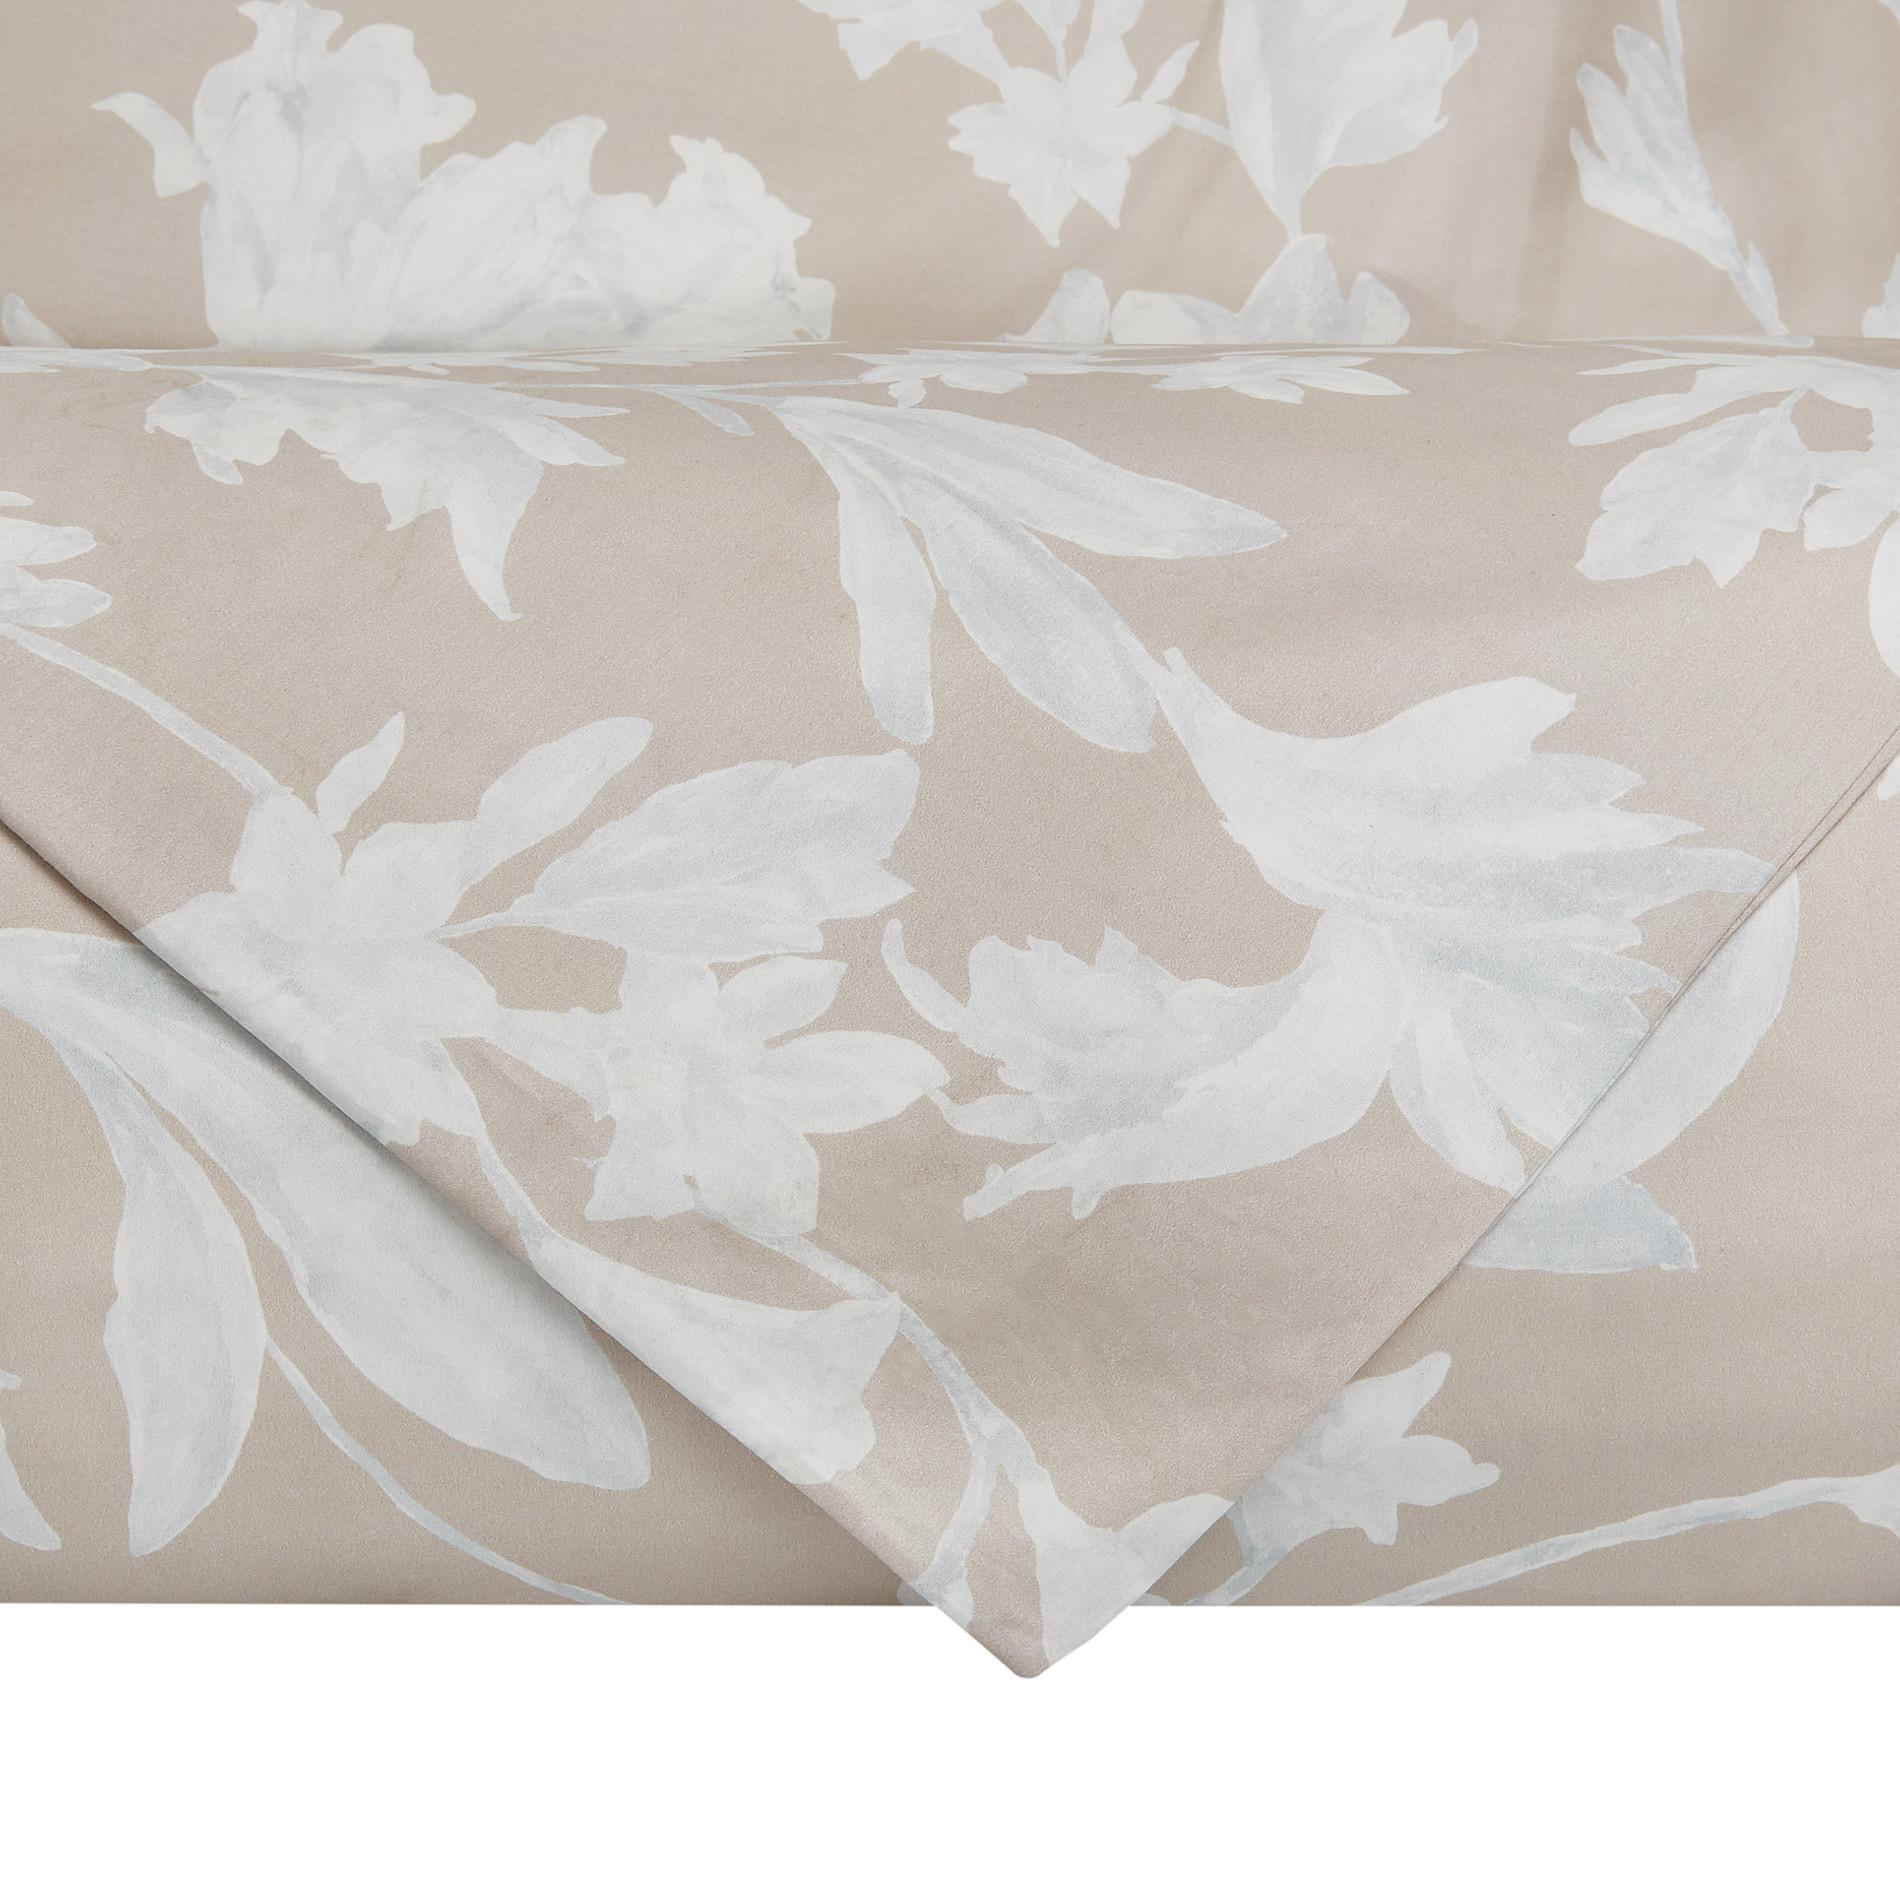 Copripiumino raso di cotone motivo floreale Portofino, Beige, large image number 2